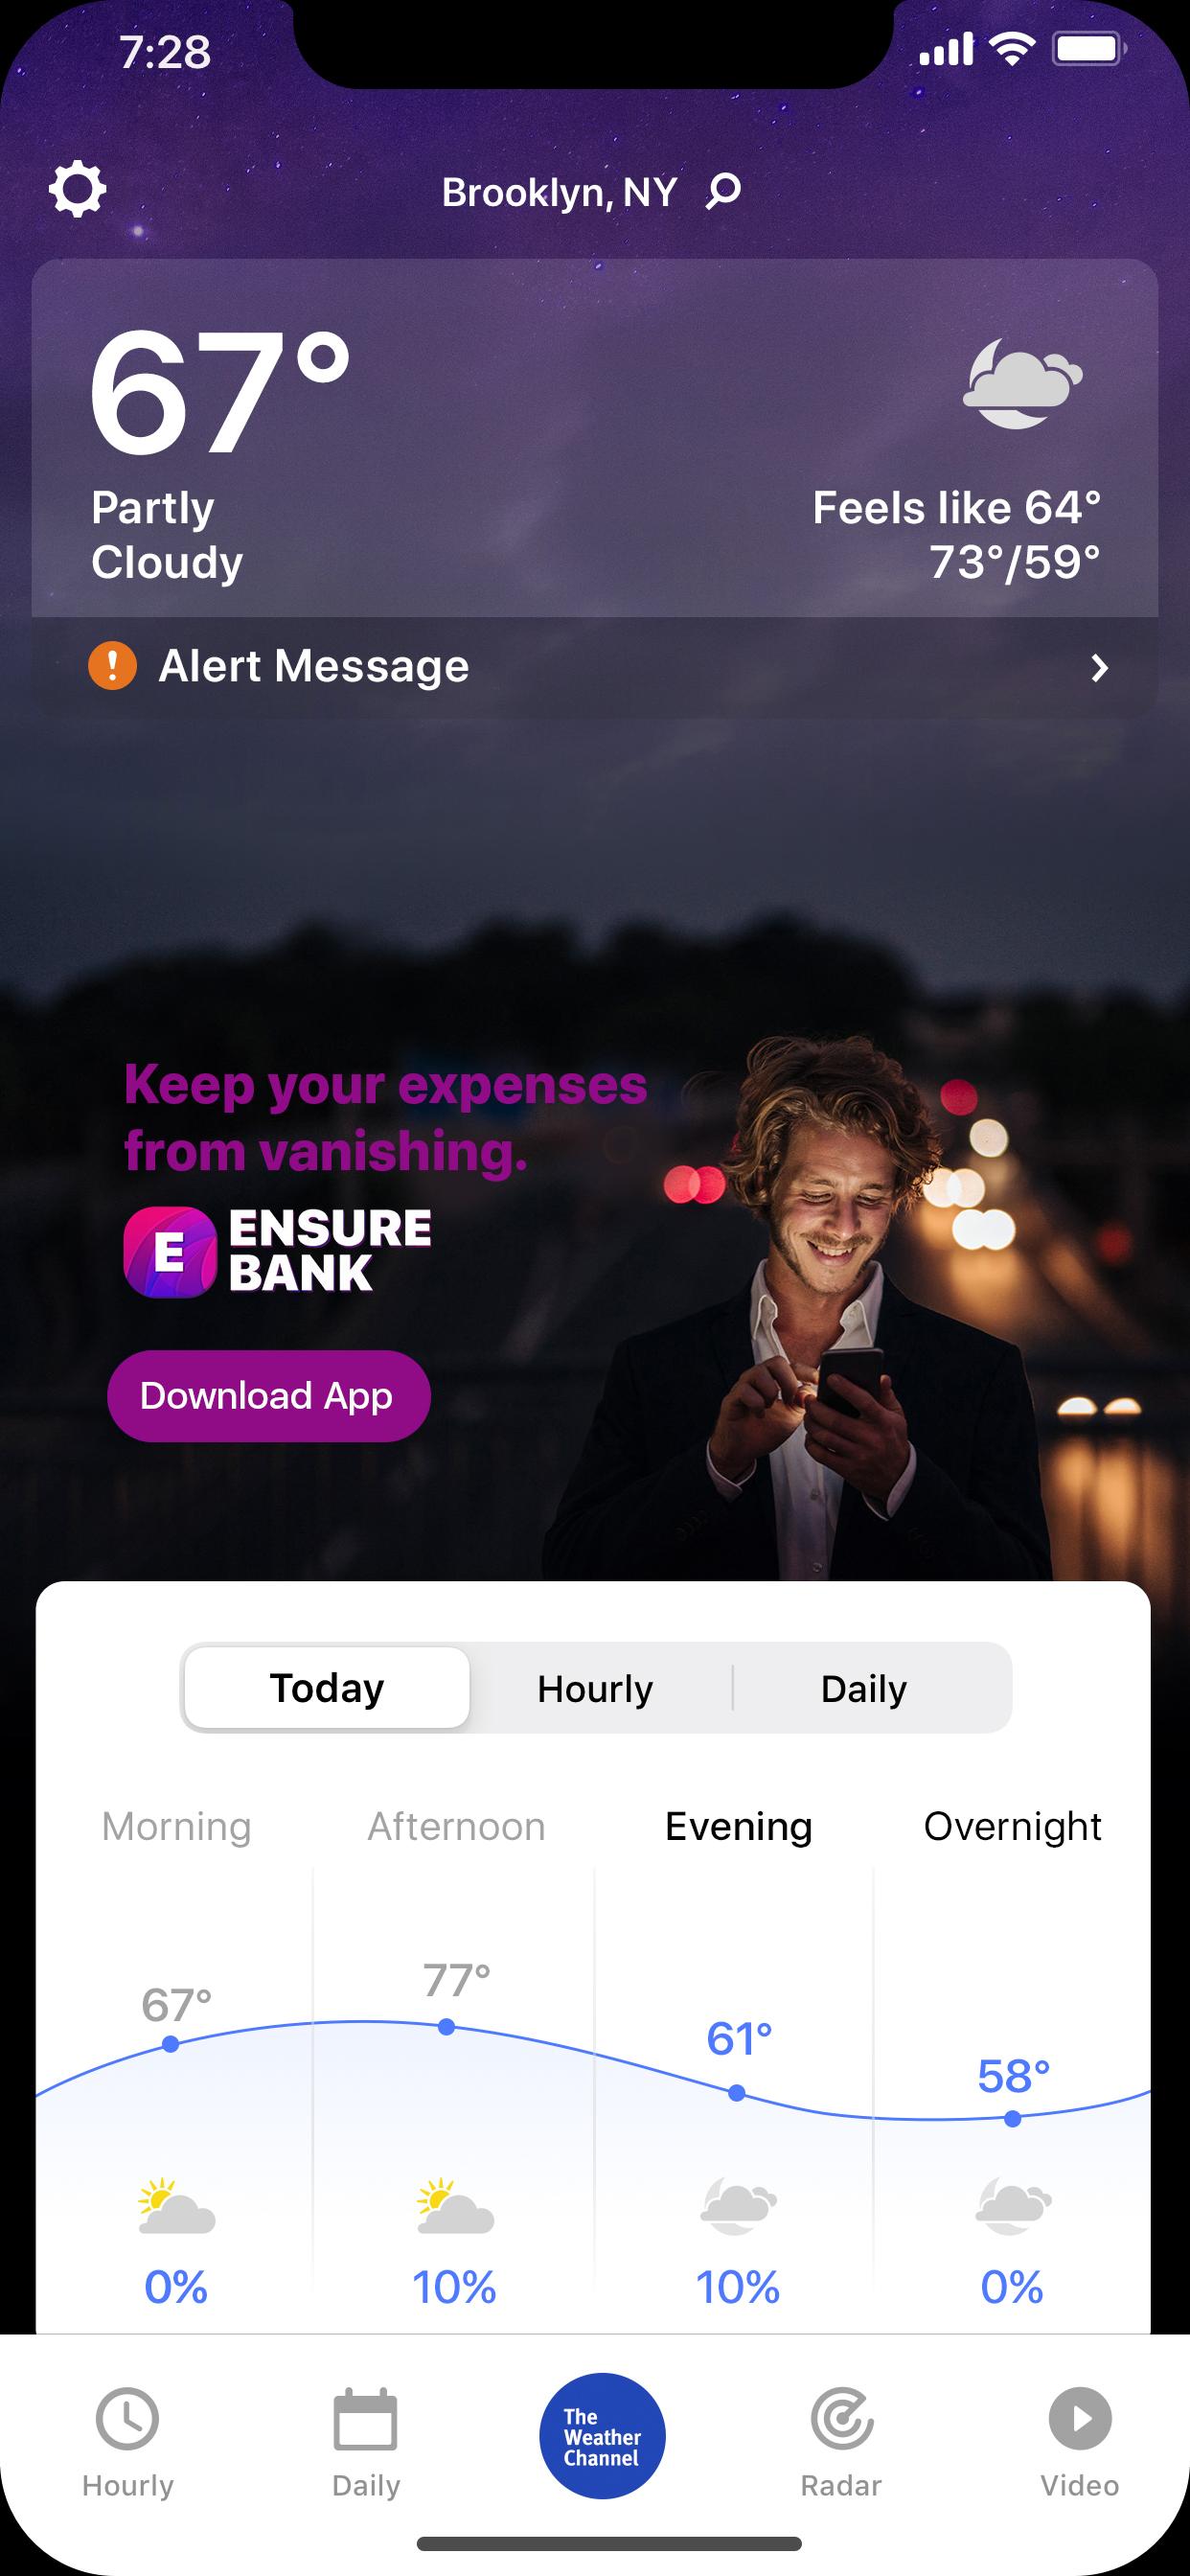 GenericBankApp_Mobile_App-IM_NextGen-Mock__Cloudy Night